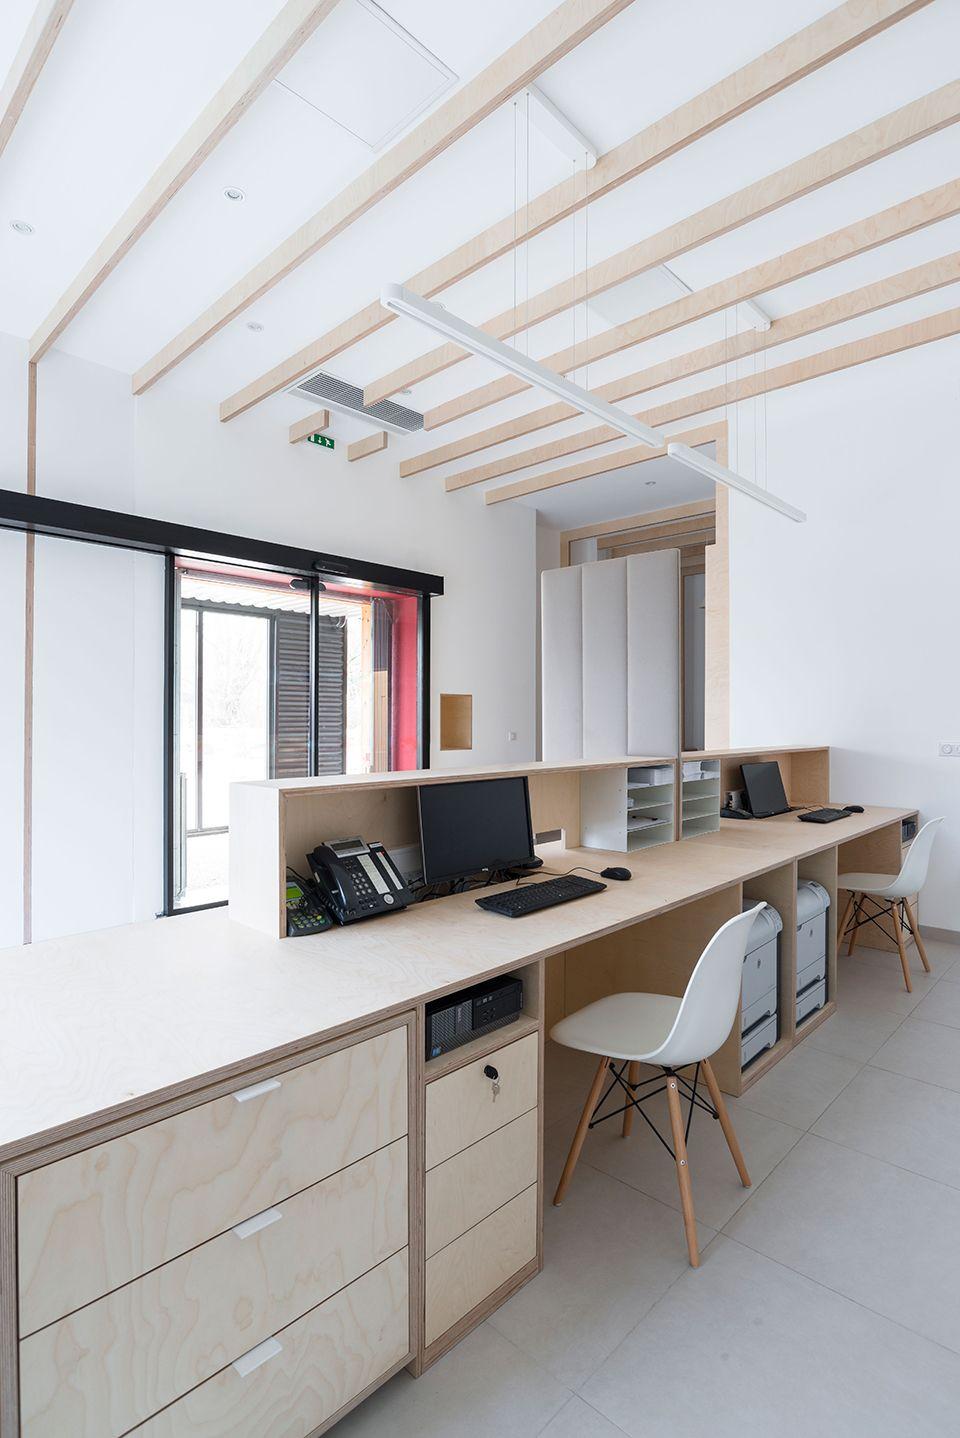 Architecte Interieur Bordeaux hekla / architecture / interieur / analabo / laboratoire d